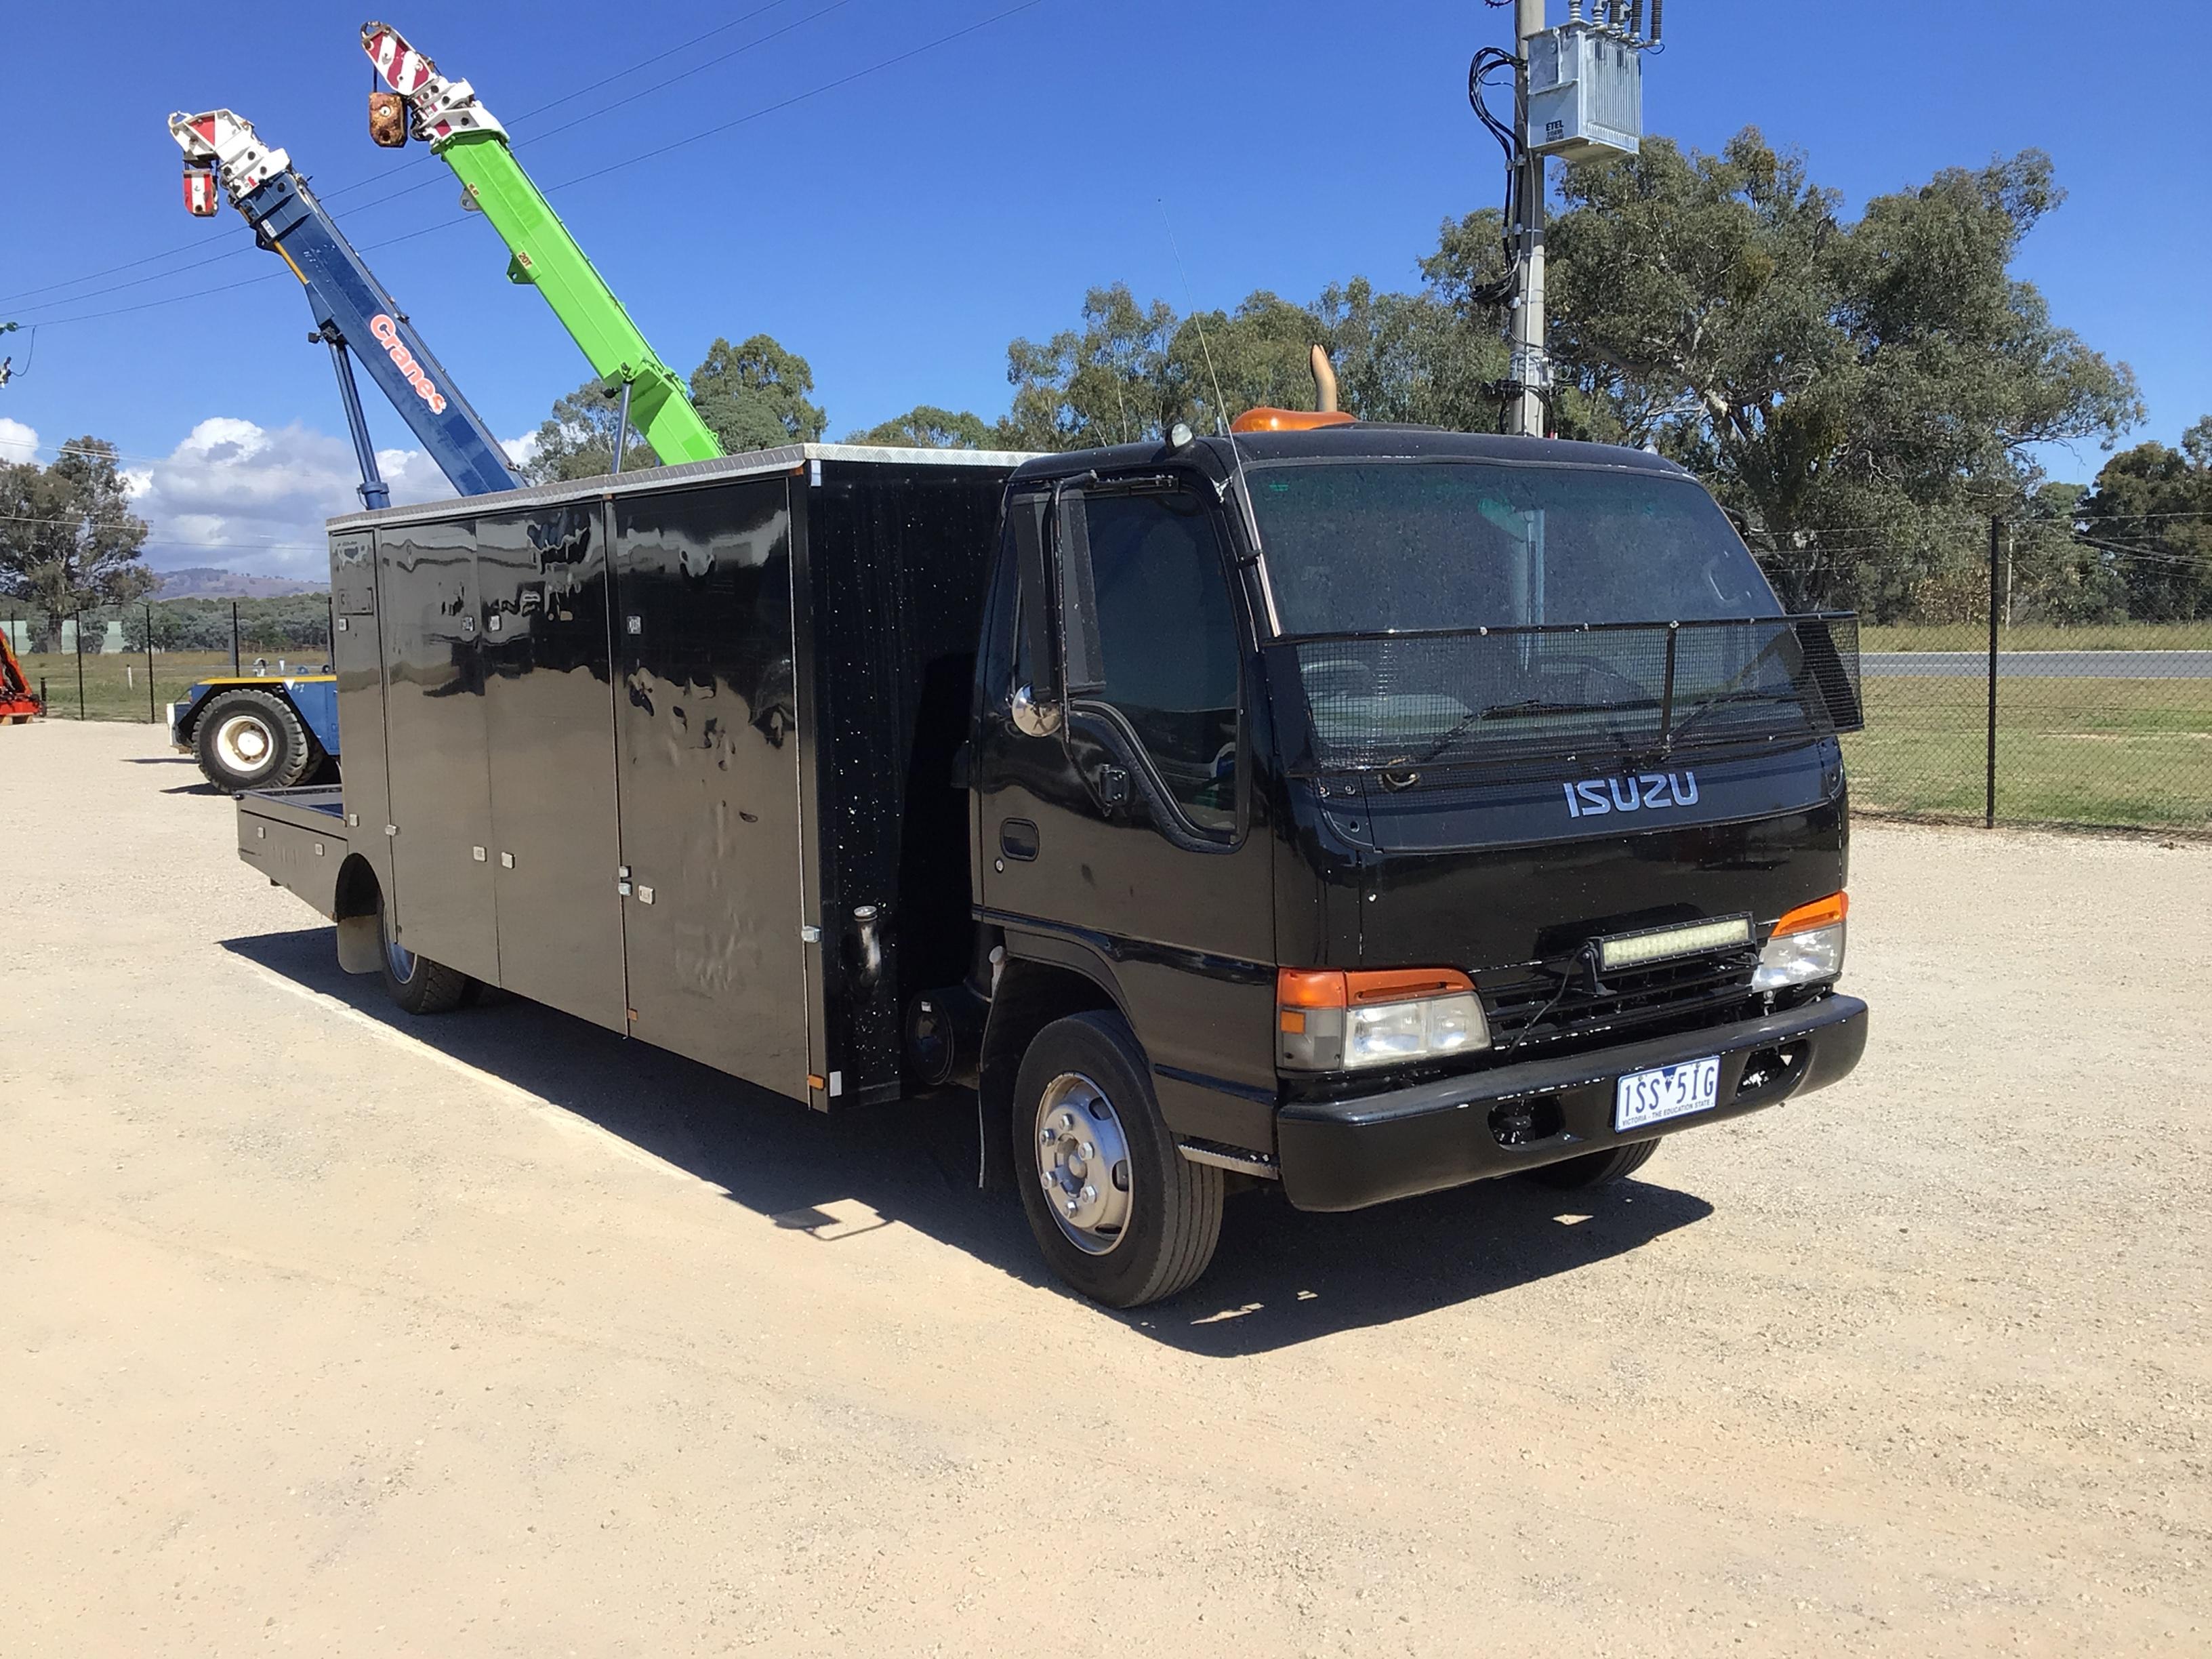 2001 ISUZU NQR 450 long wheelbase 4 x 2 Service Truck